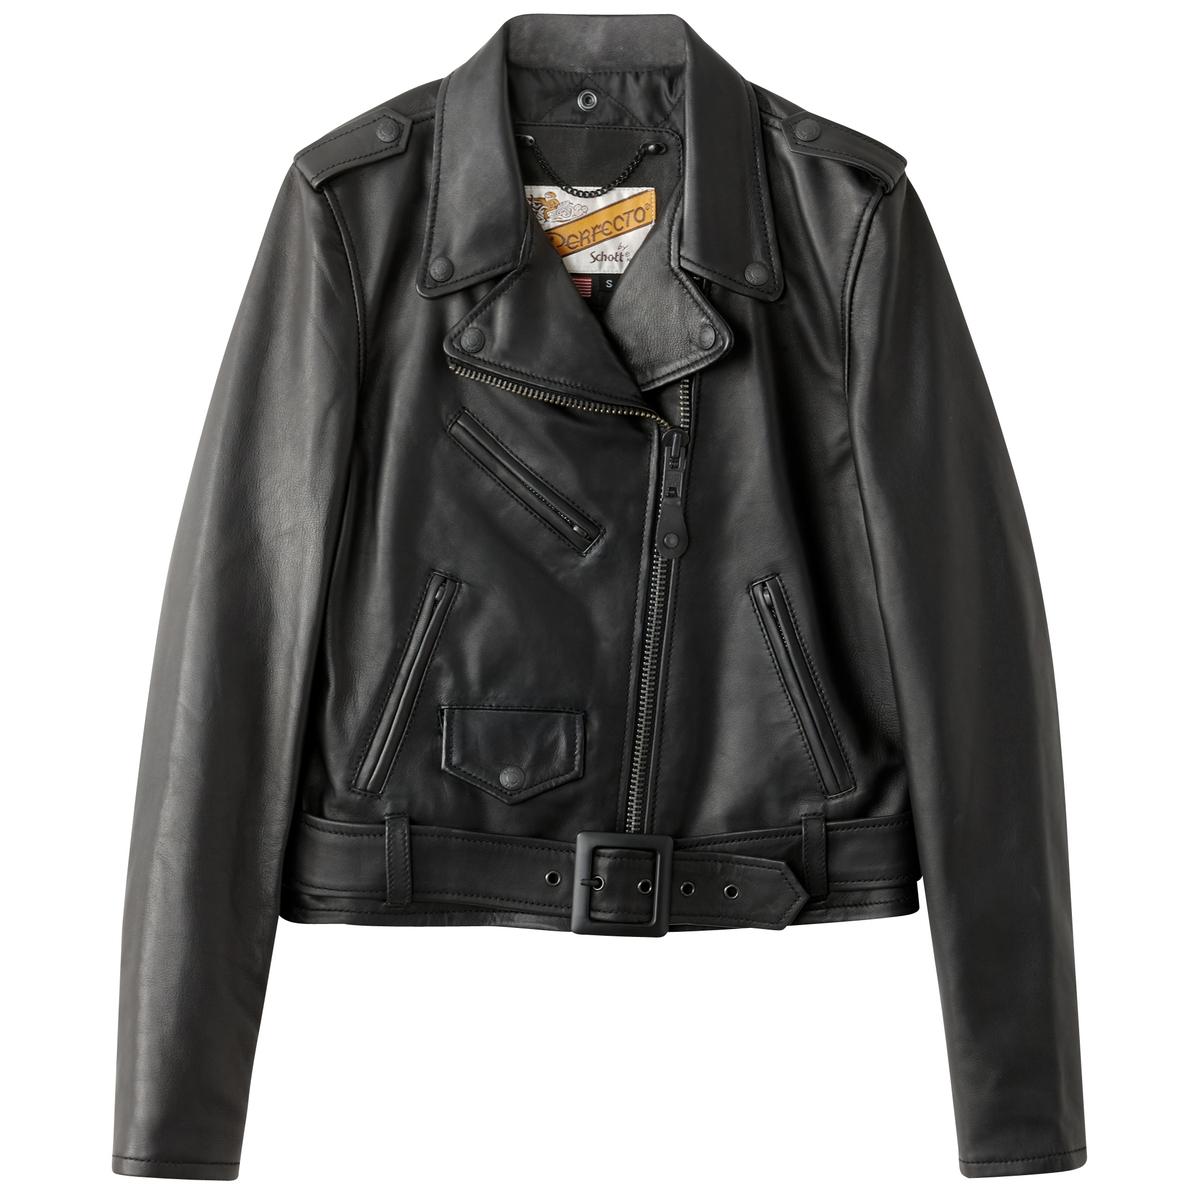 Куртка кожаная на молнии и со съемным поясомМатериал : 100% кожа Тип застежки : застежка на молнию.  Форма воротника : воротник-поло, рубашечный. Длина : укороченная модельРисунок : Однотонная модель   Особенность изделия: С поясом<br><br>Цвет: черный<br>Размер: S